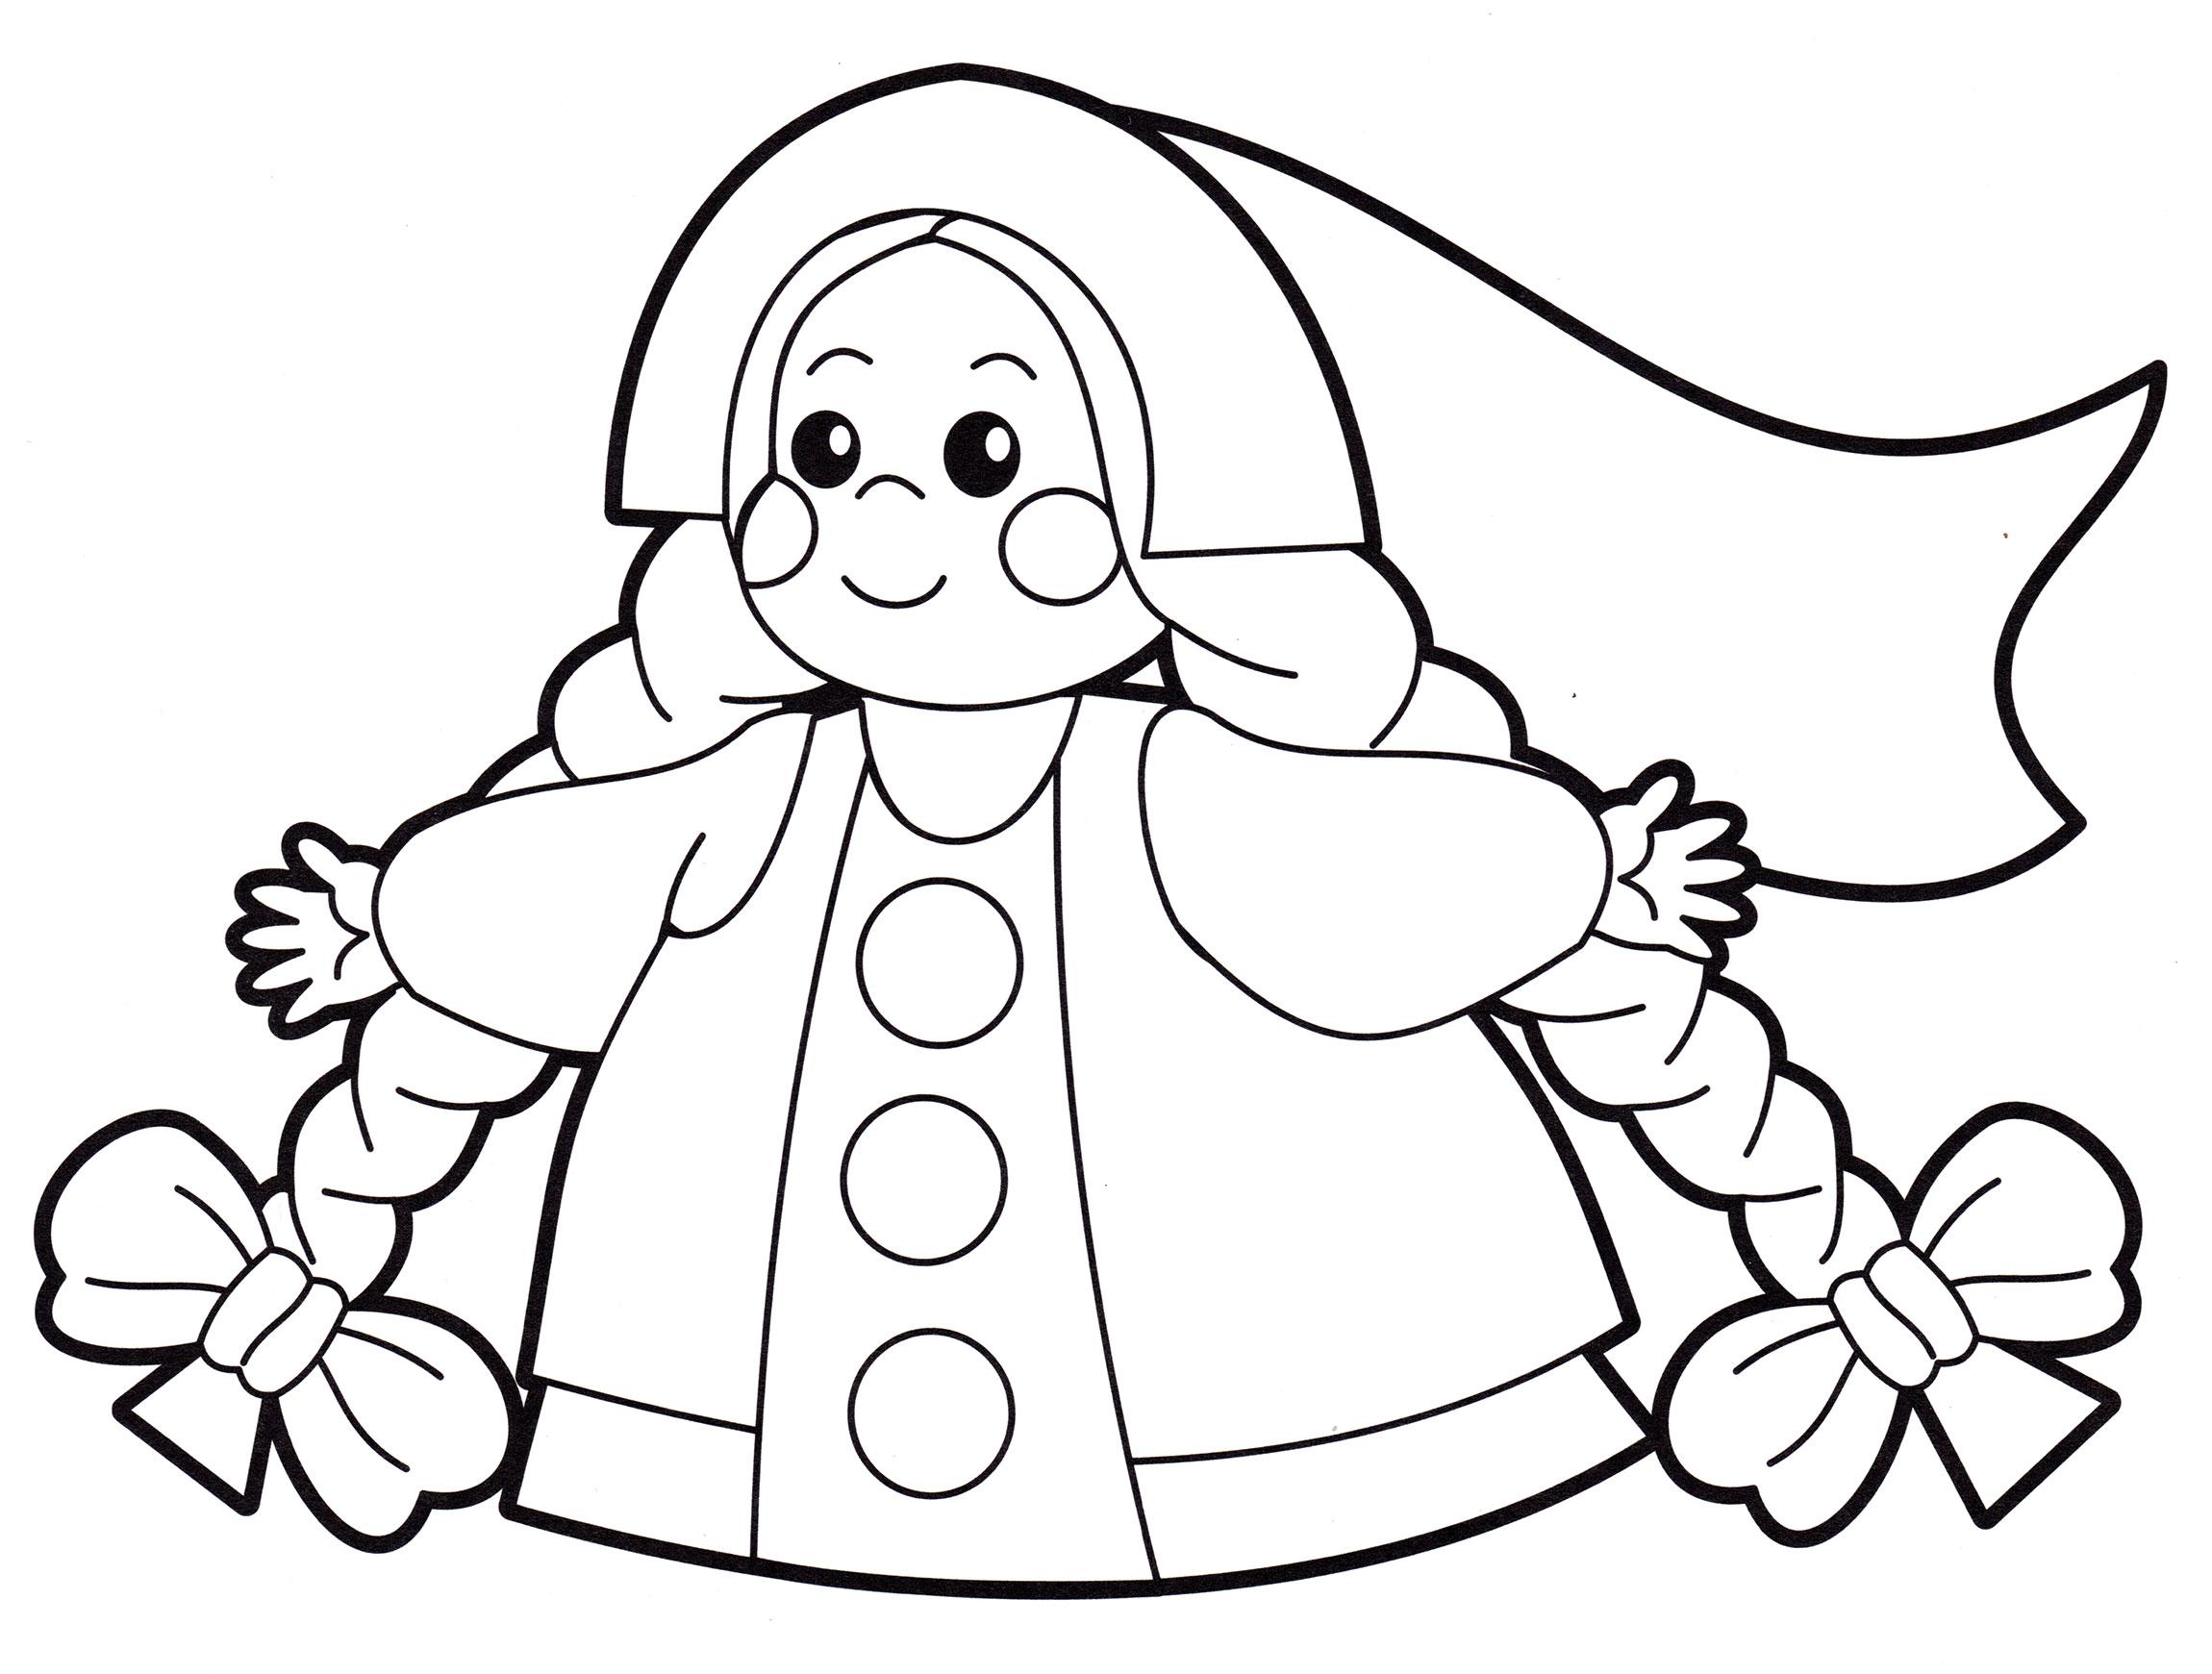 Раскраска Кукла с косичками - распечатать бесплатно